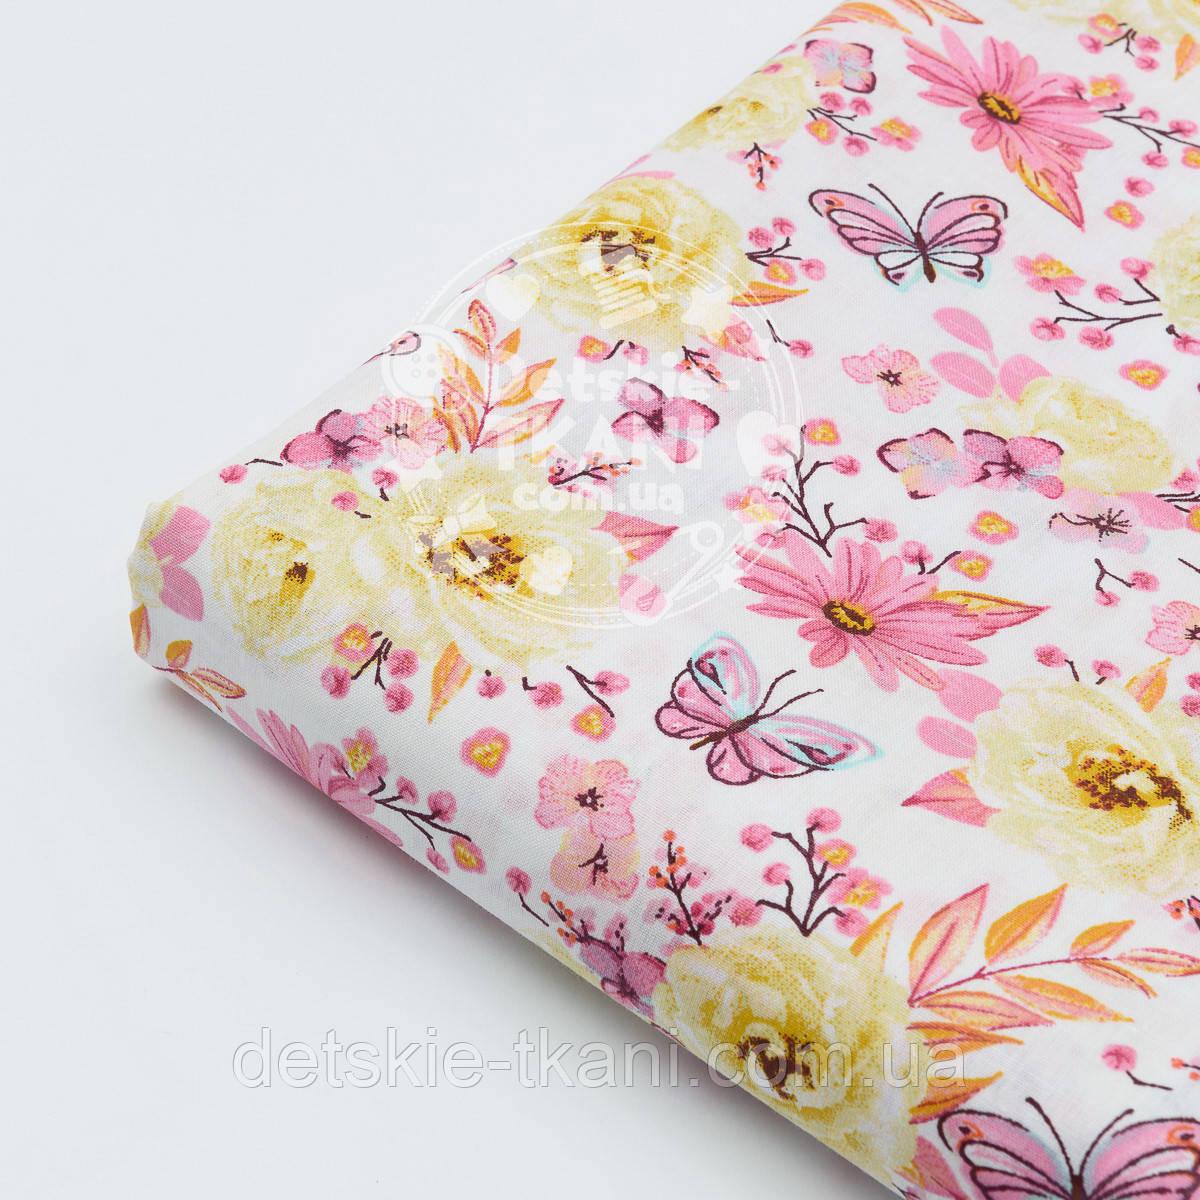 """Лоскут ткани """"Цветочки среднего размера розовые и жёлтые с бабочками"""" № 1524а"""